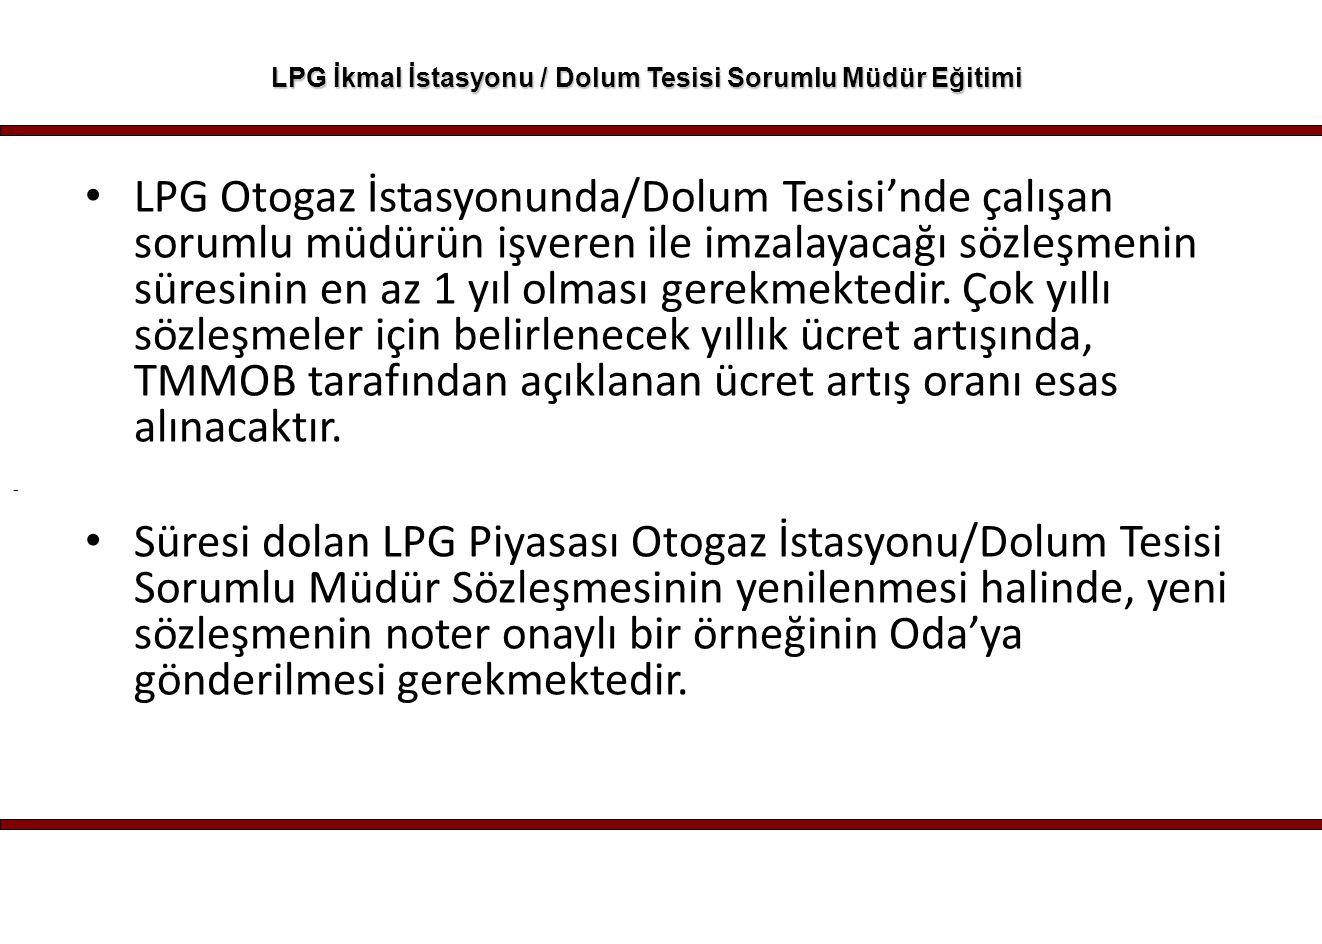 - LPG İkmal İstasyonu / Dolum Tesisi Sorumlu Müdür Eğitimi LPG Otogaz İstasyonunda/Dolum Tesisi'nde çalışan sorumlu müdürün işveren ile imzalayacağı s